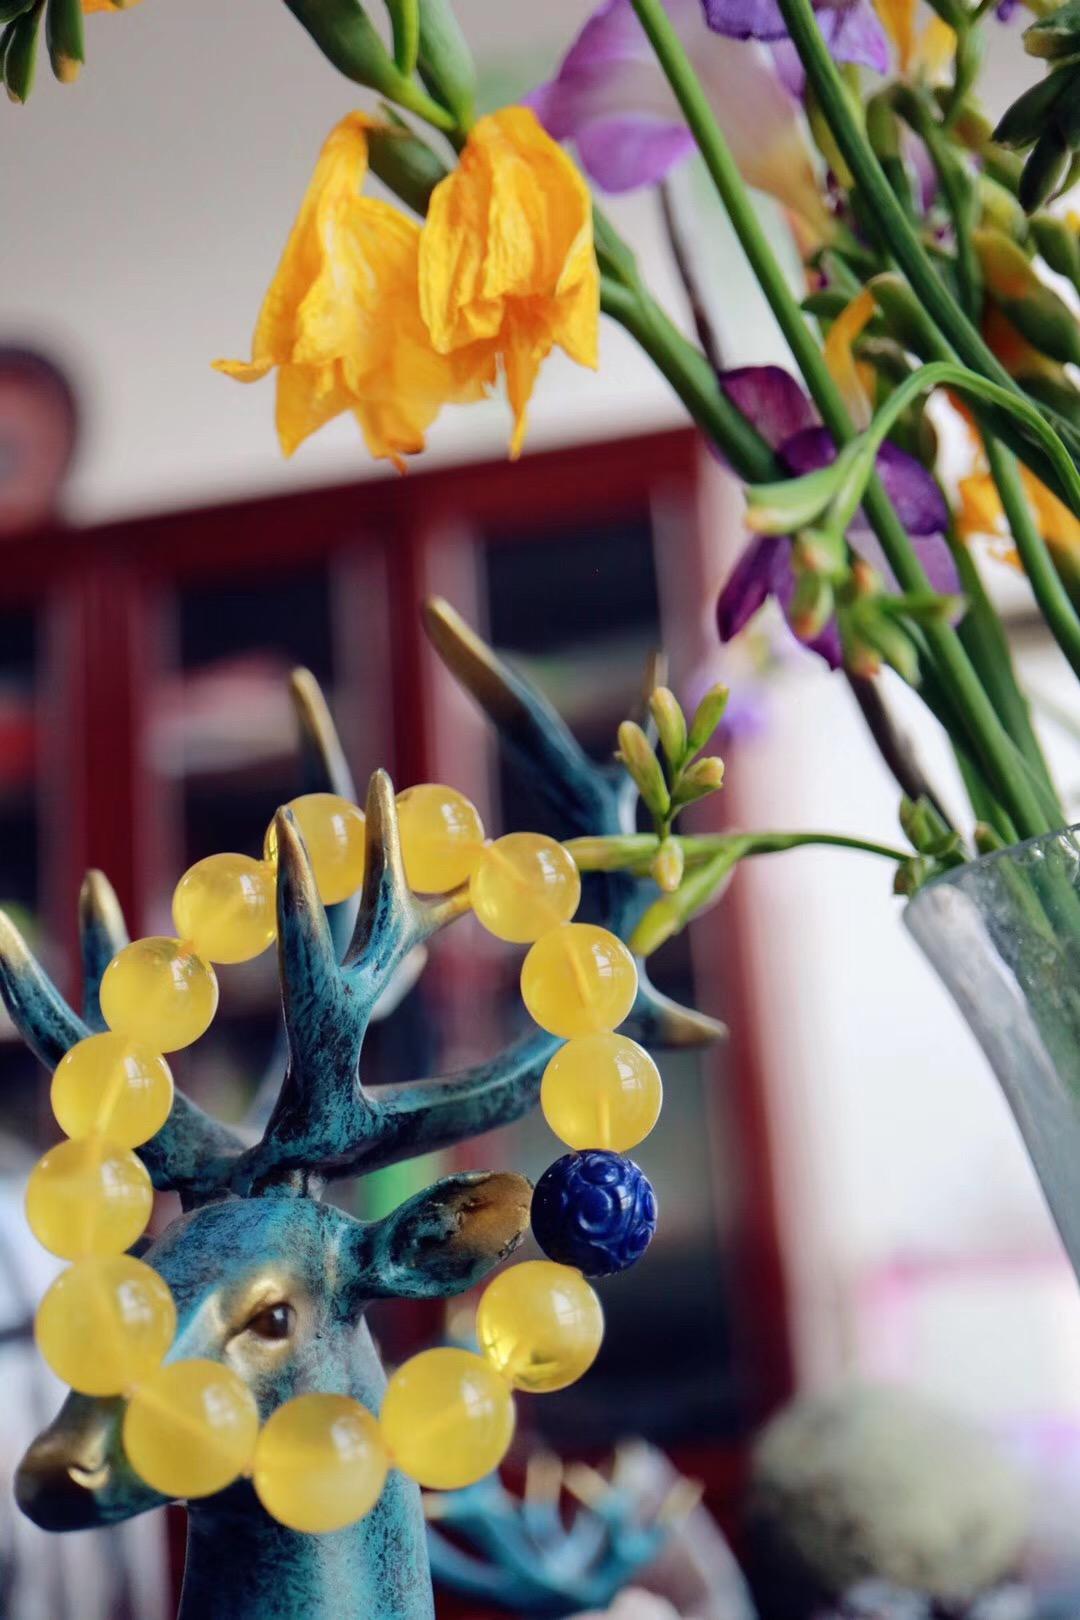 【菩心   蜜蜡 & 老矿青金石】蜜蜡犹如小太阳,暖胃又暖心-菩心晶舍